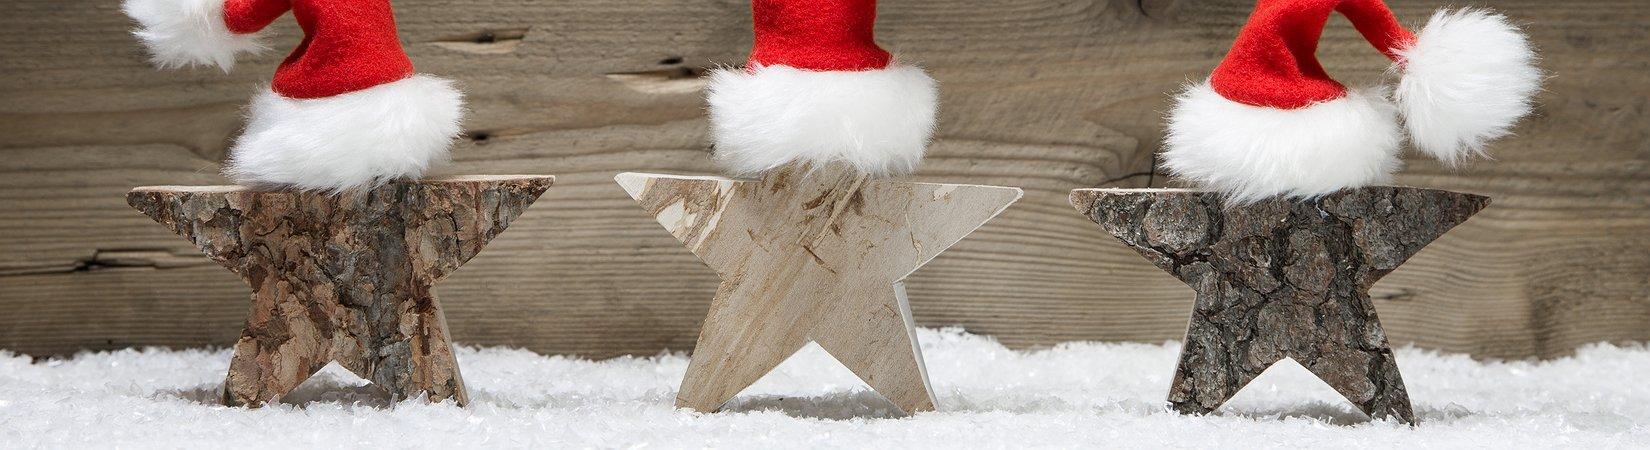 Биткоин, лайткоин, Ripple: Чего ждать от трех звездных криптовалют декабря